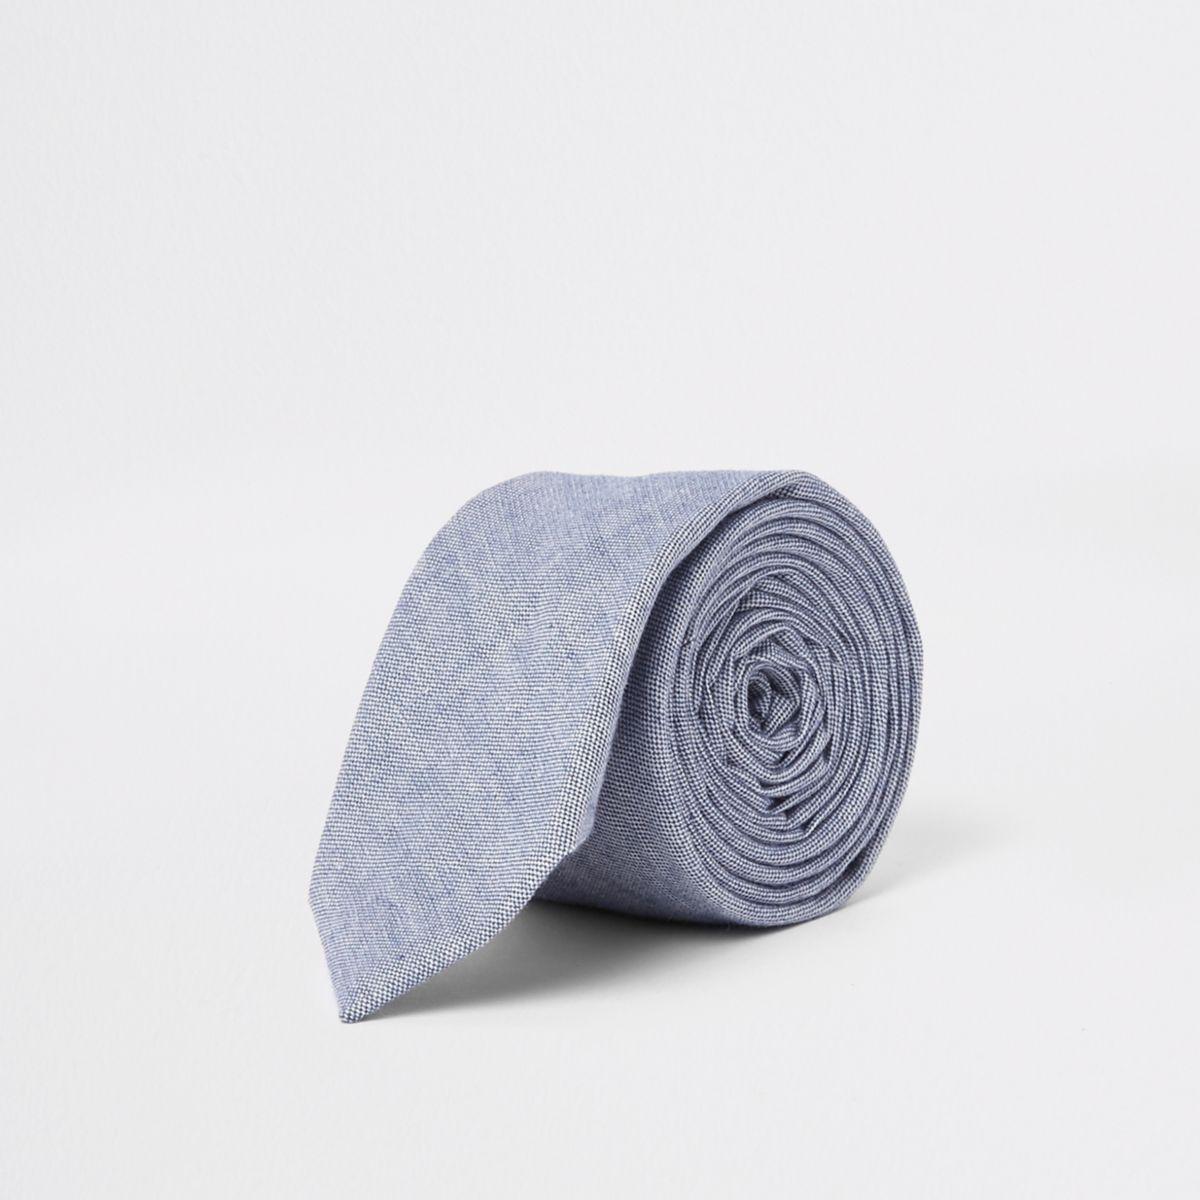 Blue oxford textured tie